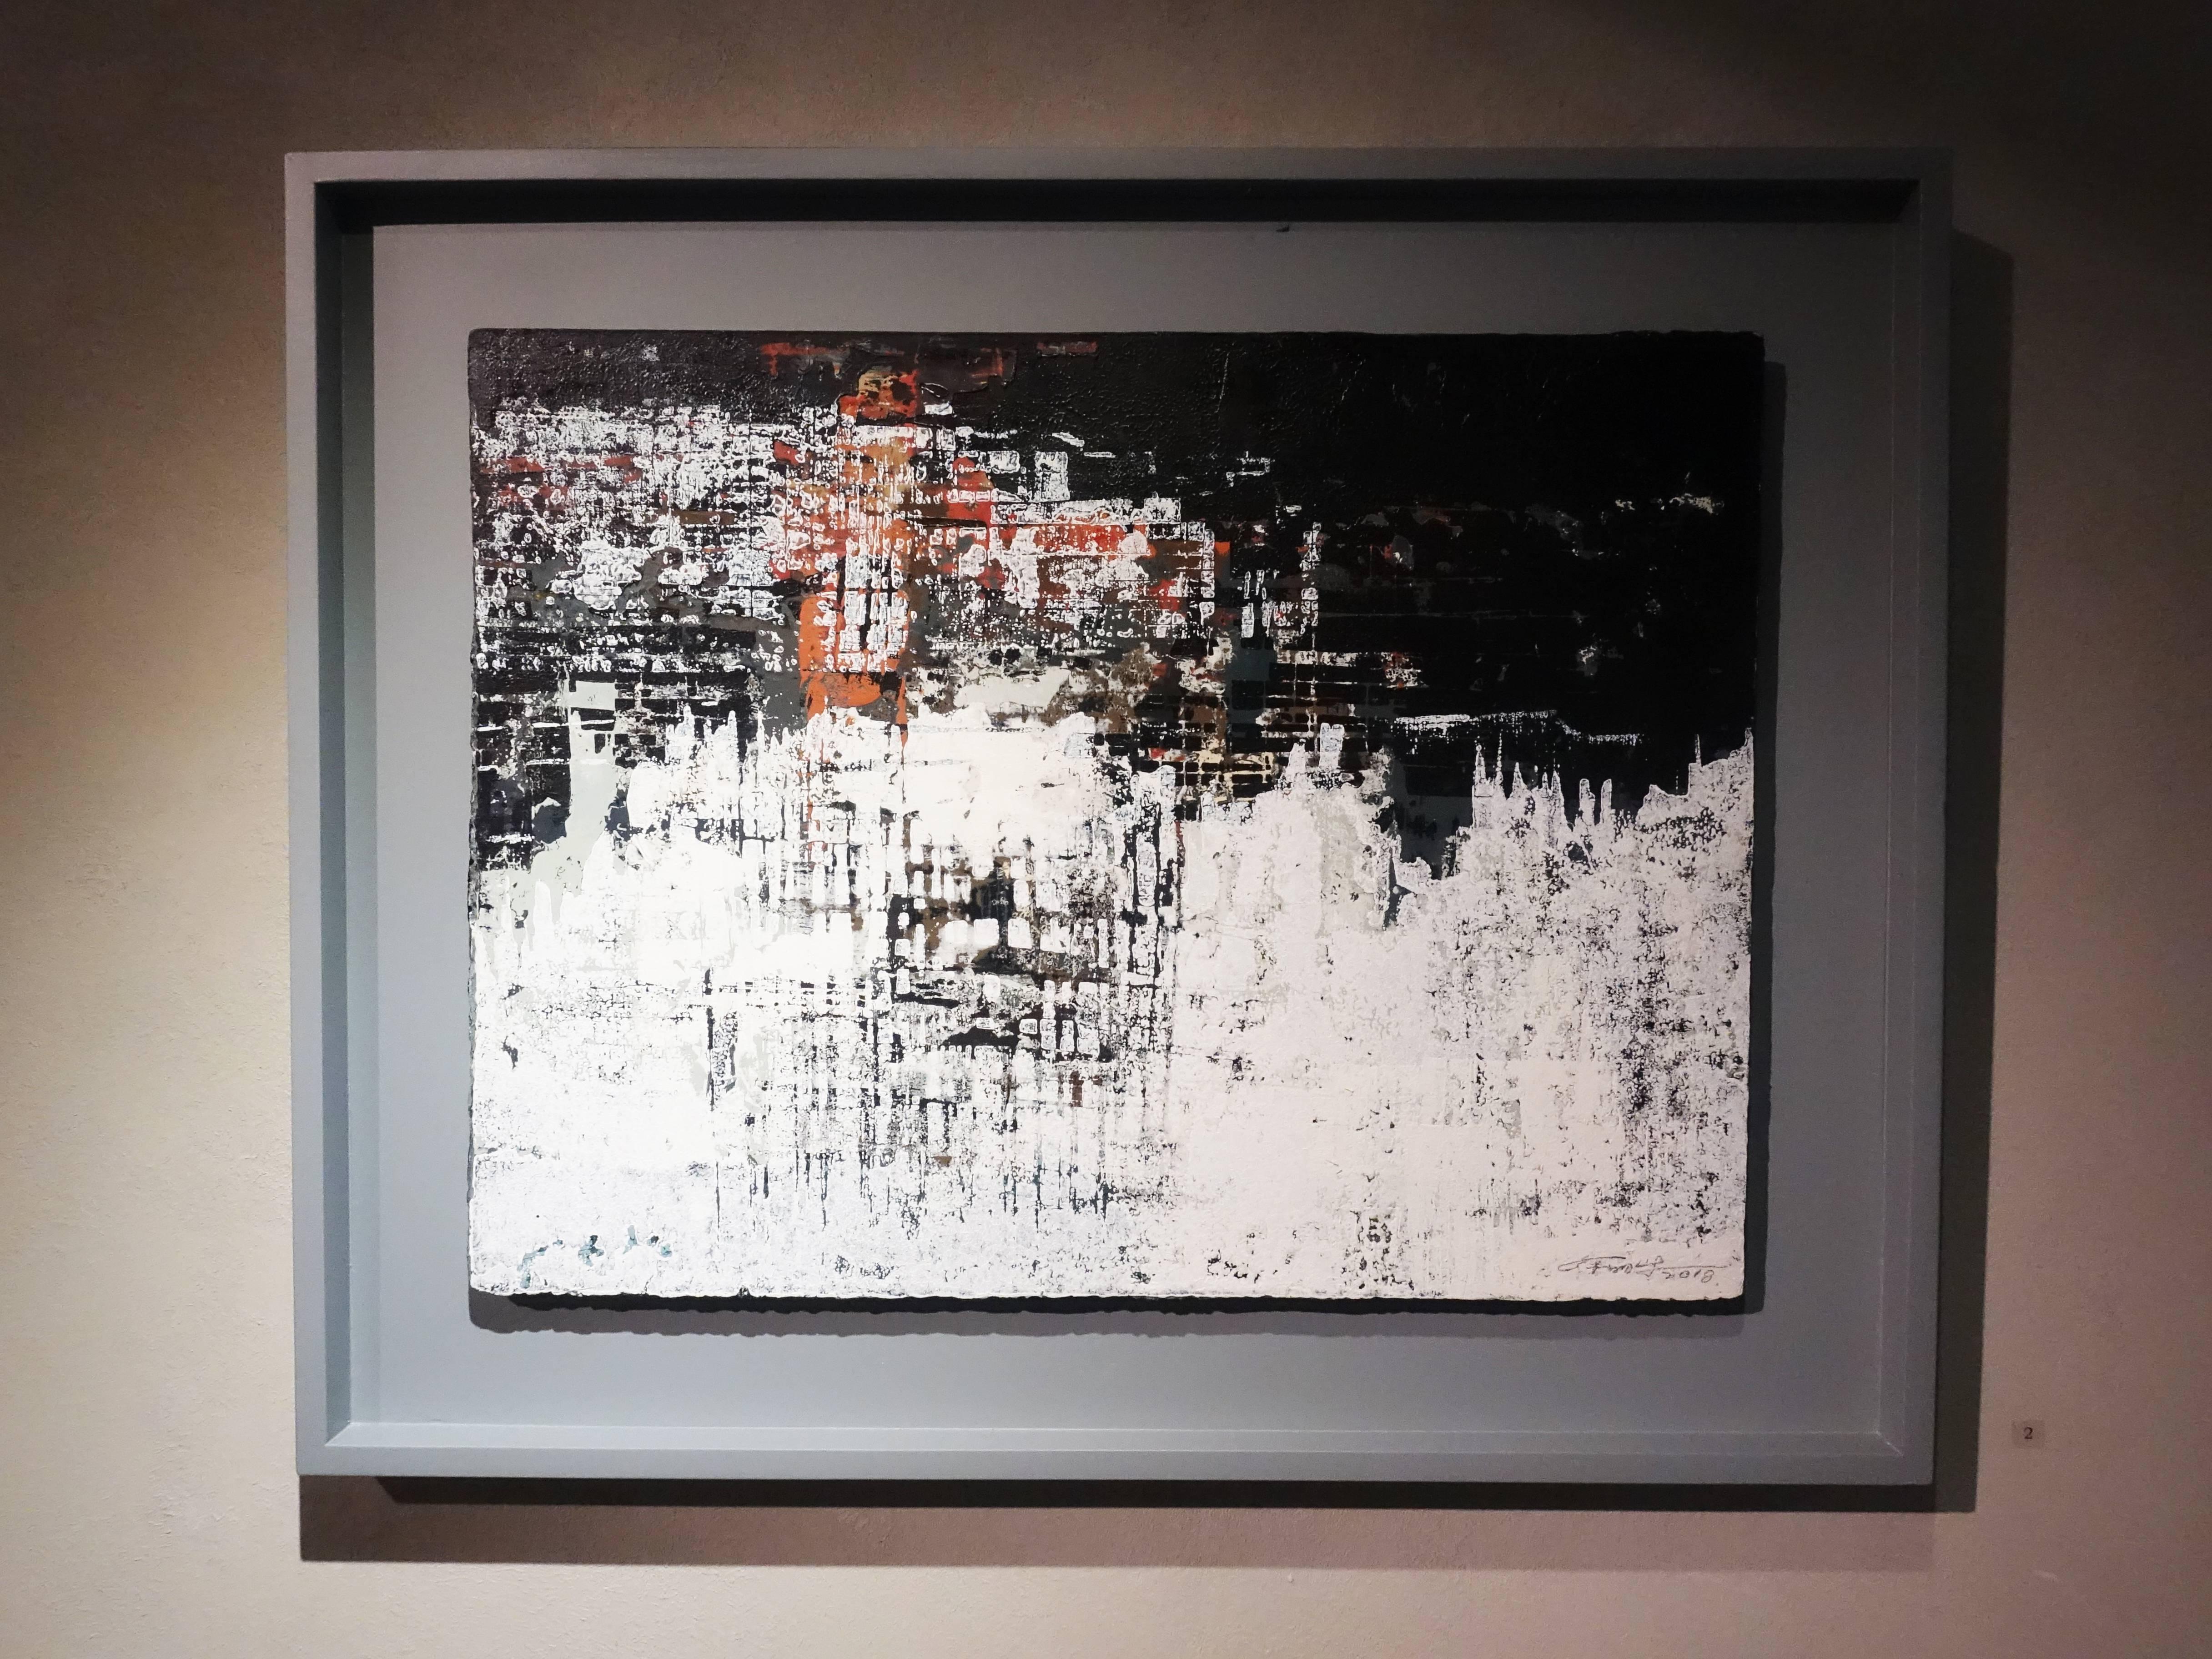 徐明豐,《城市景象之二》,39 x 51 cm,1/1,複合媒材,2018。